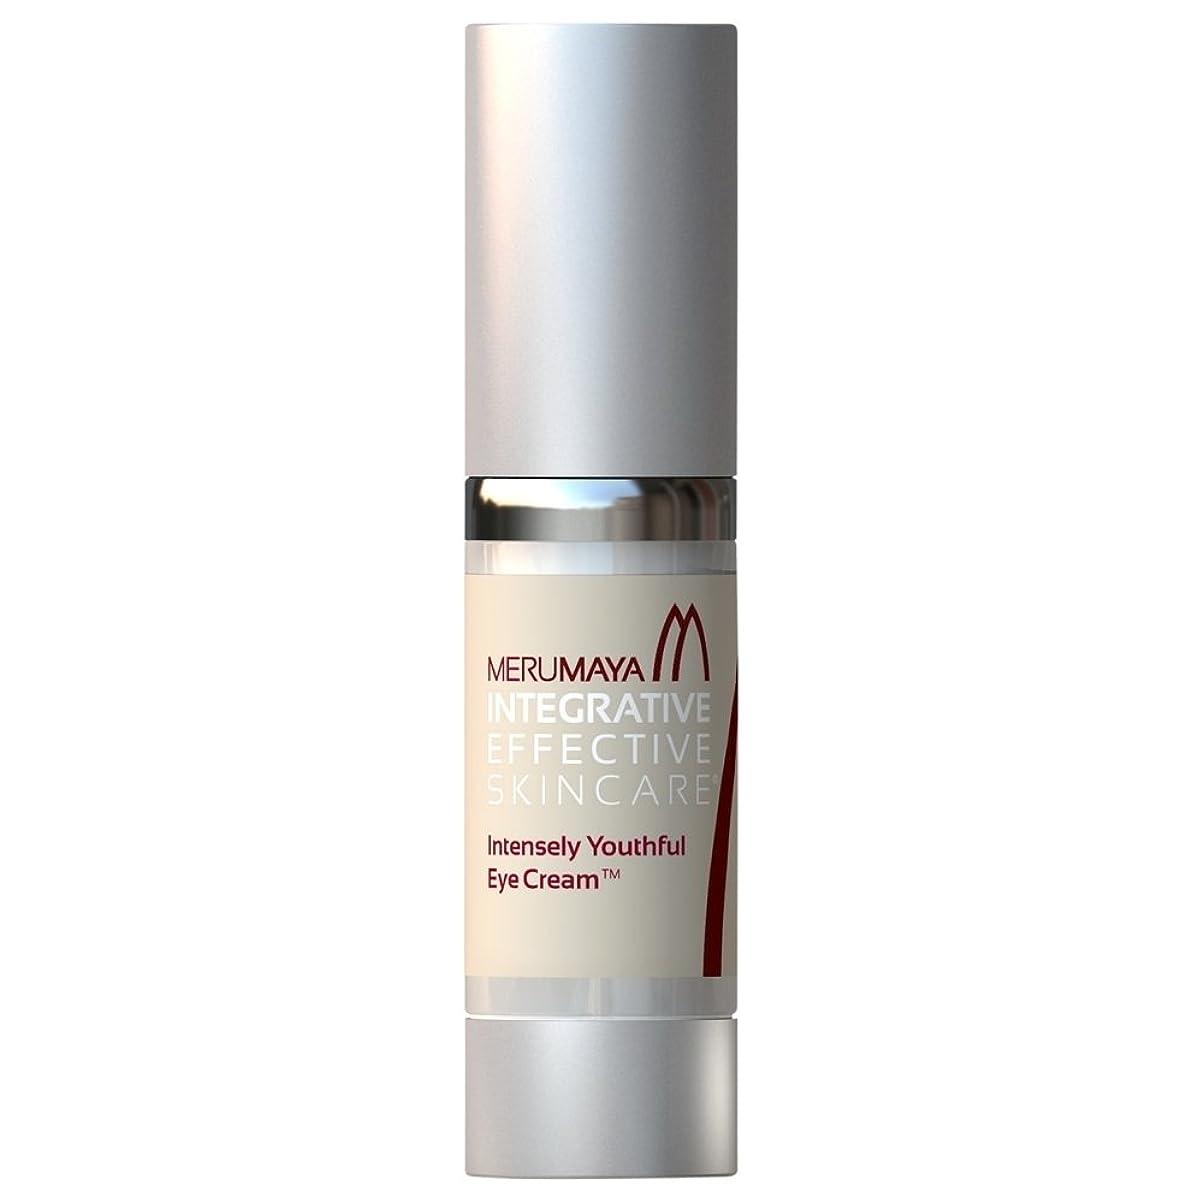 賃金印象的モロニックMerumaya激しく若々しいアイクリーム?の15ミリリットル (Merumaya) (x2) - MERUMAYA Intensely Youthful Eye Cream? 15ml (Pack of 2) [並行輸入品]